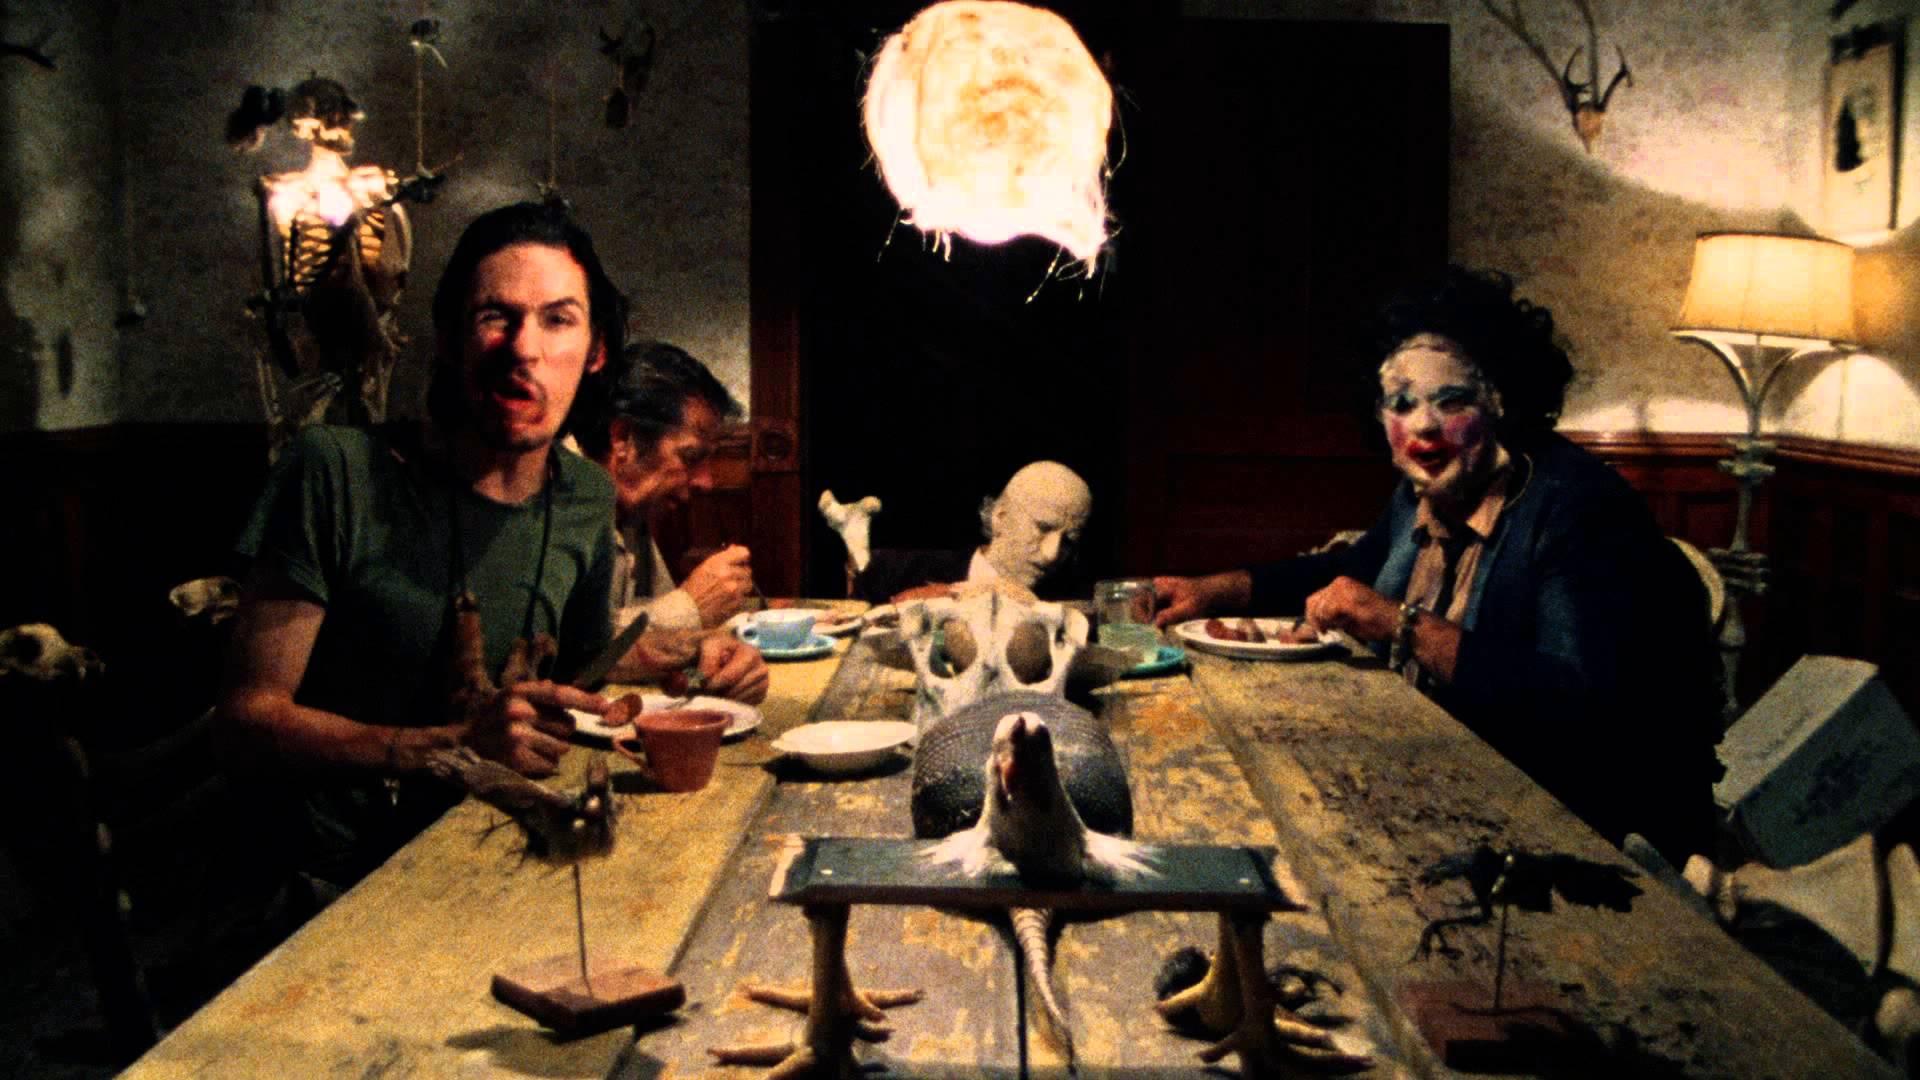 Top 5 phim ma kinh dị ám ảnh nhất thế giới chỉ dành cho người gan dạ (4)